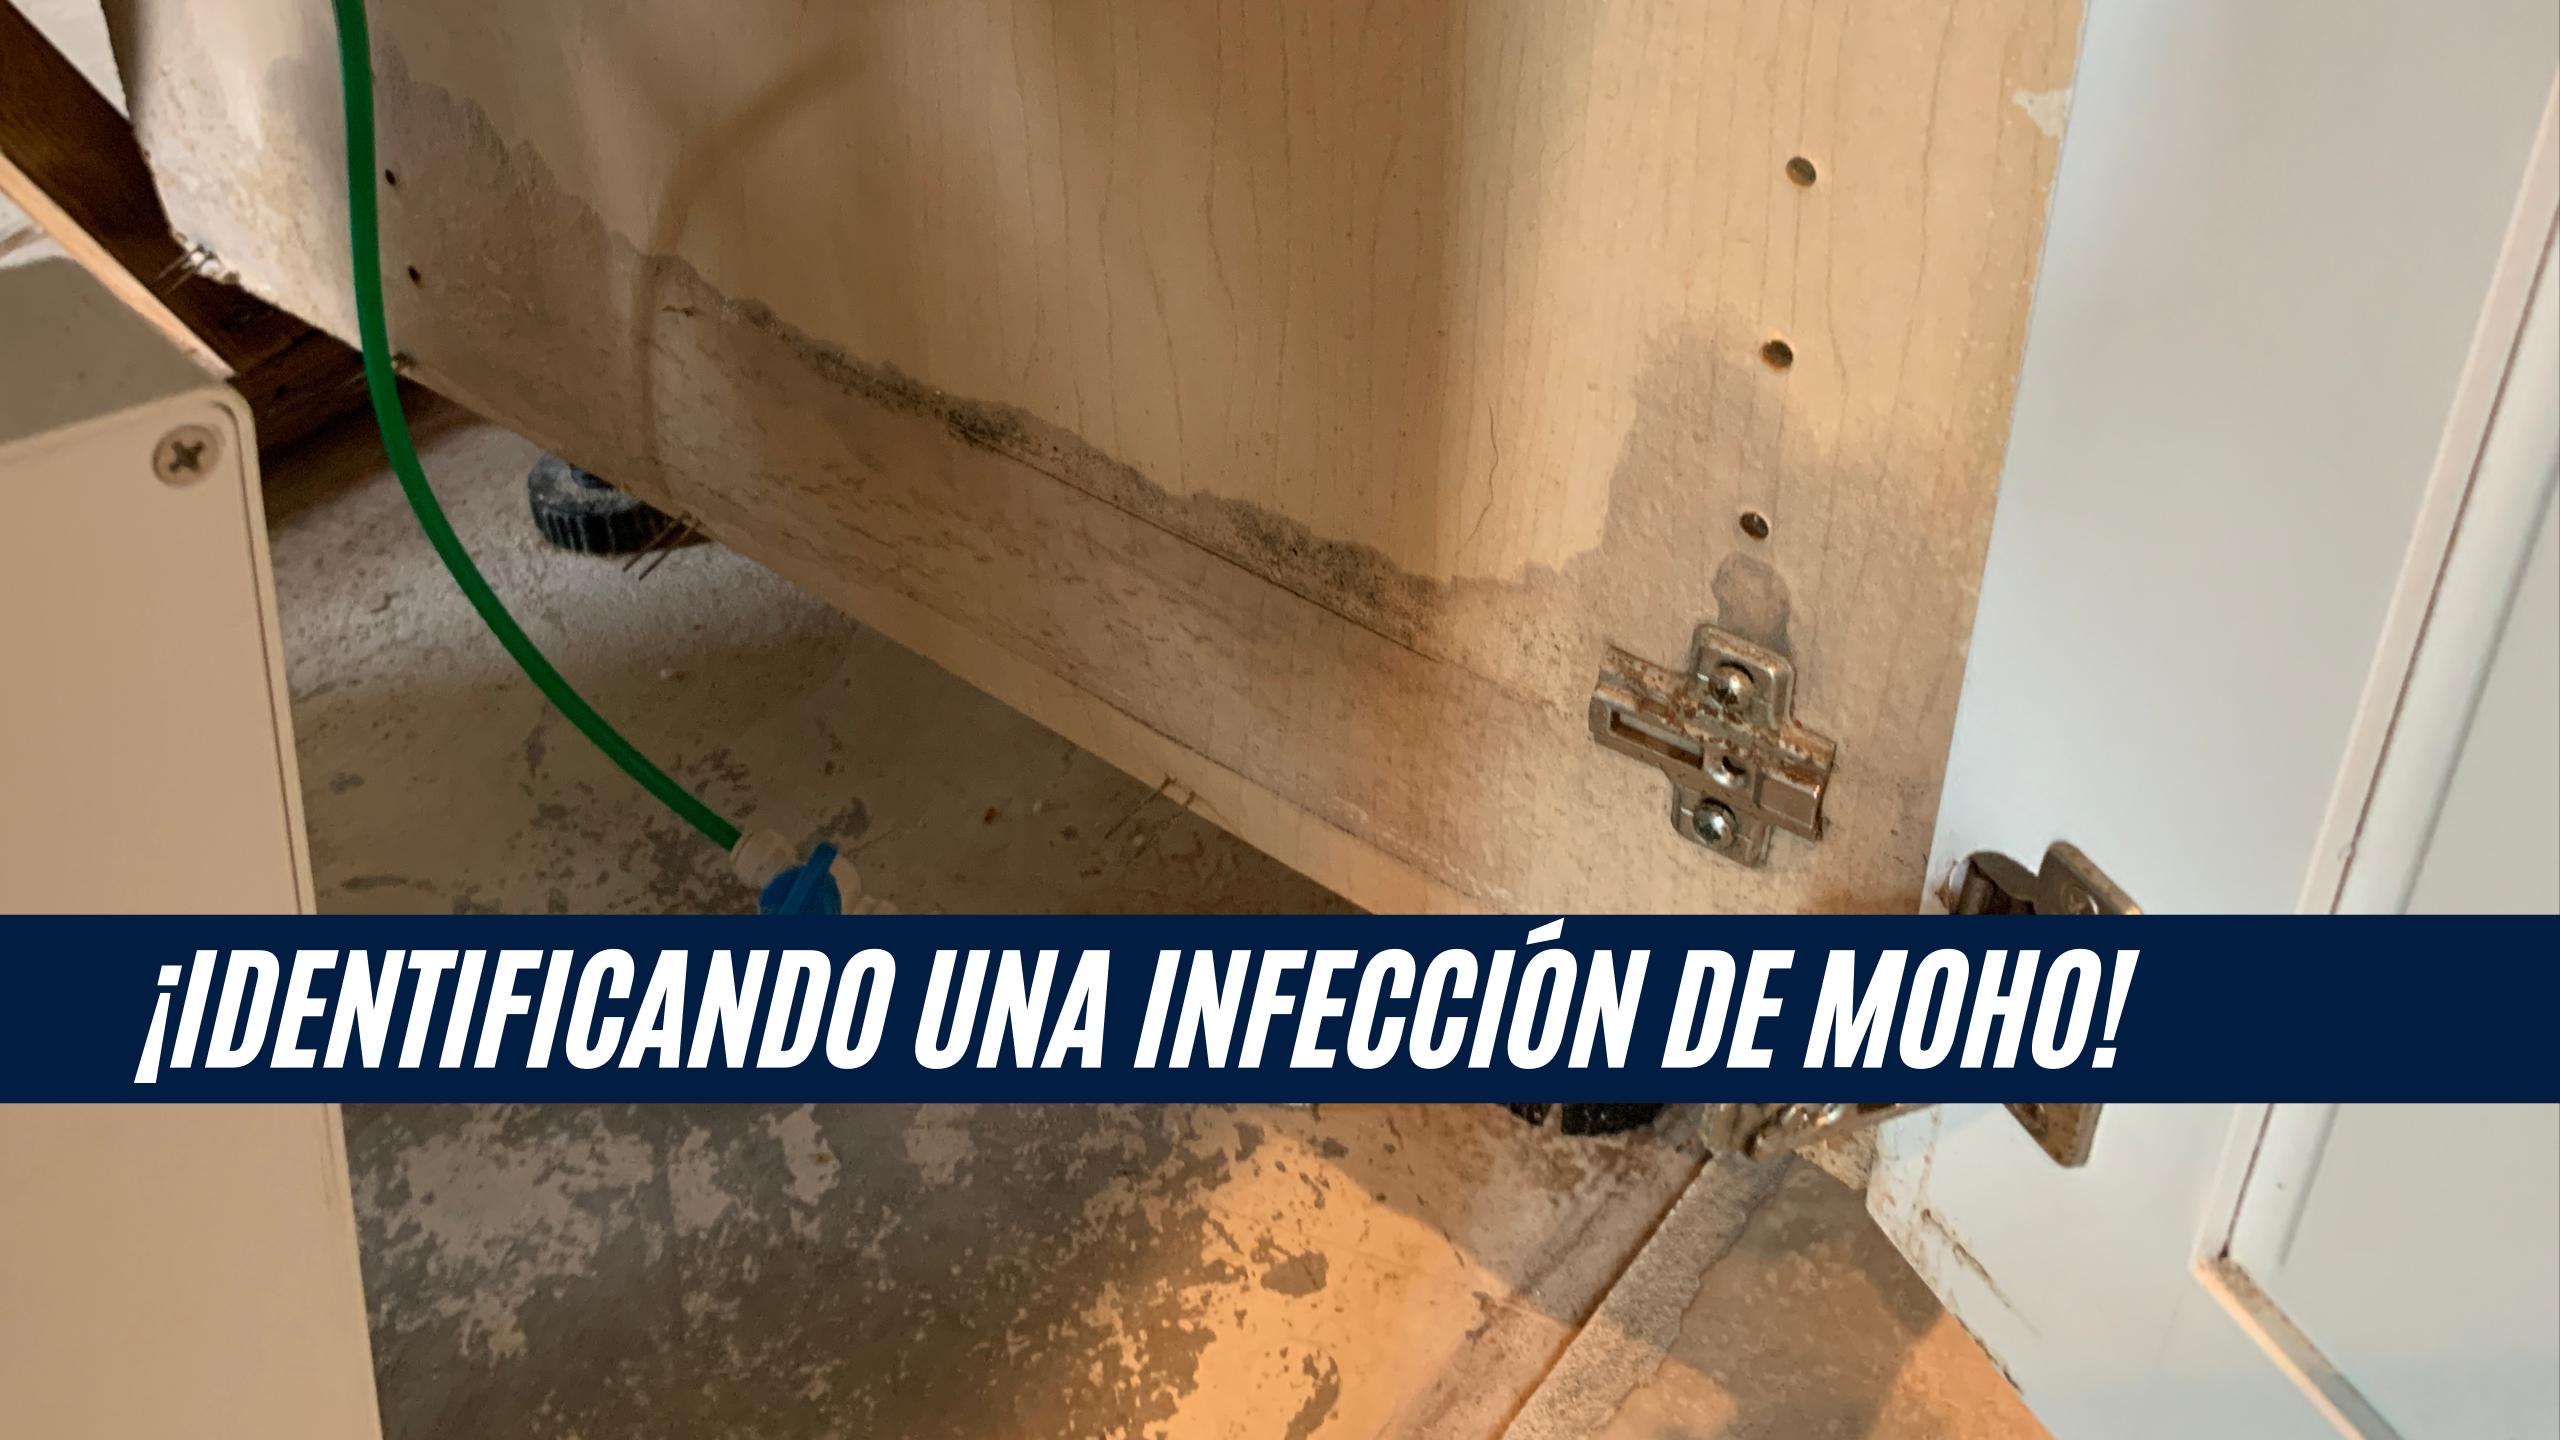 """La imagen muestra daño por moho en una puerta de gabinete de cocina, con una barra con el título """"¡Identificando una infección de moho!"""""""